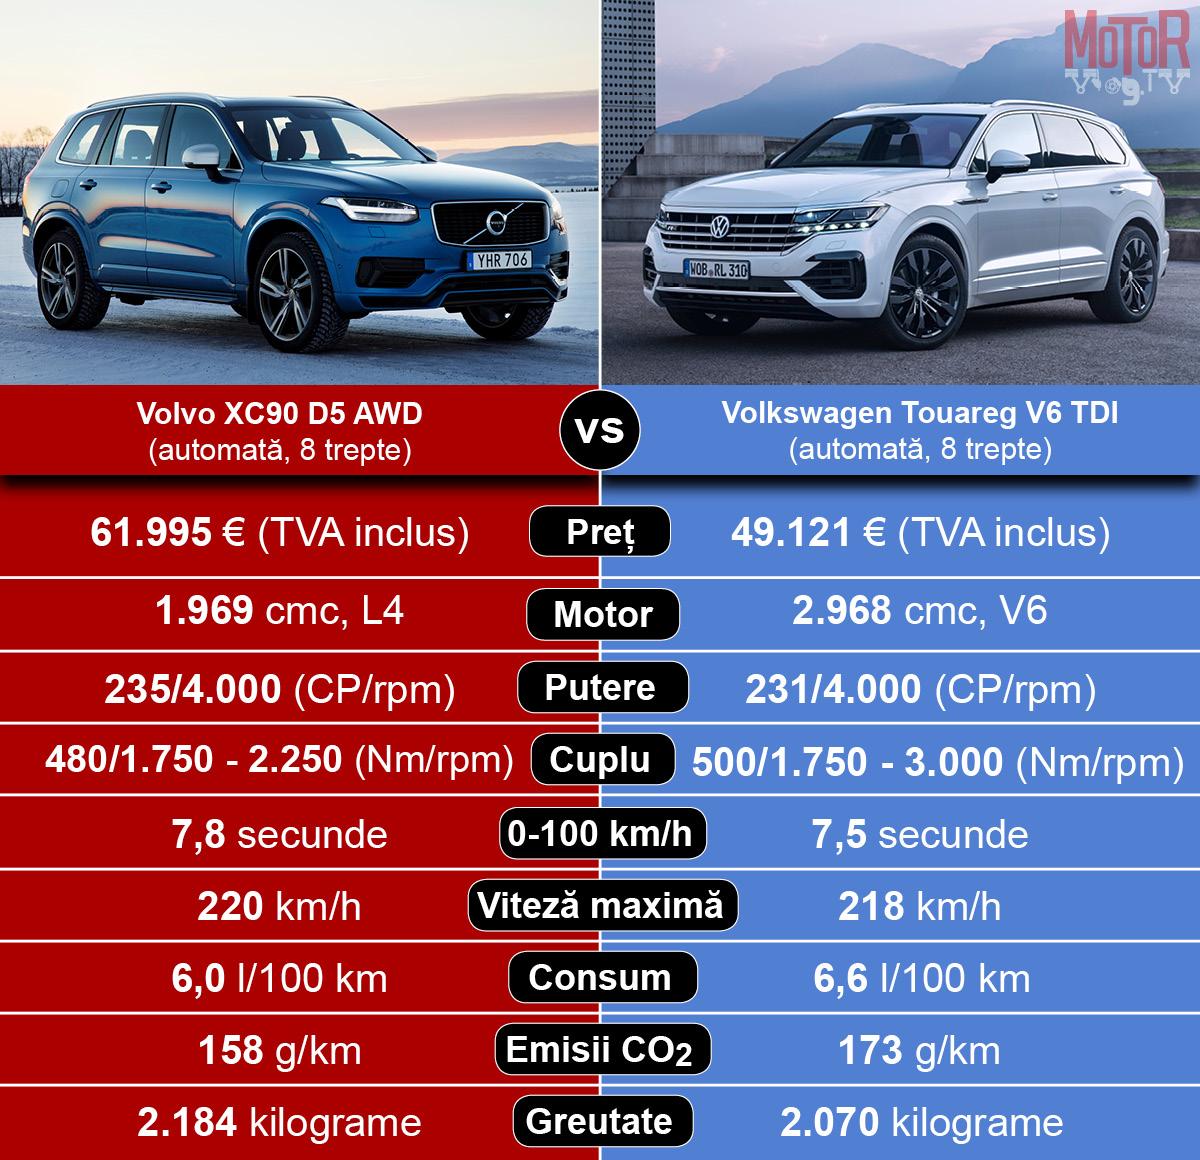 Volkswagen Touareg vs Volvo XC90